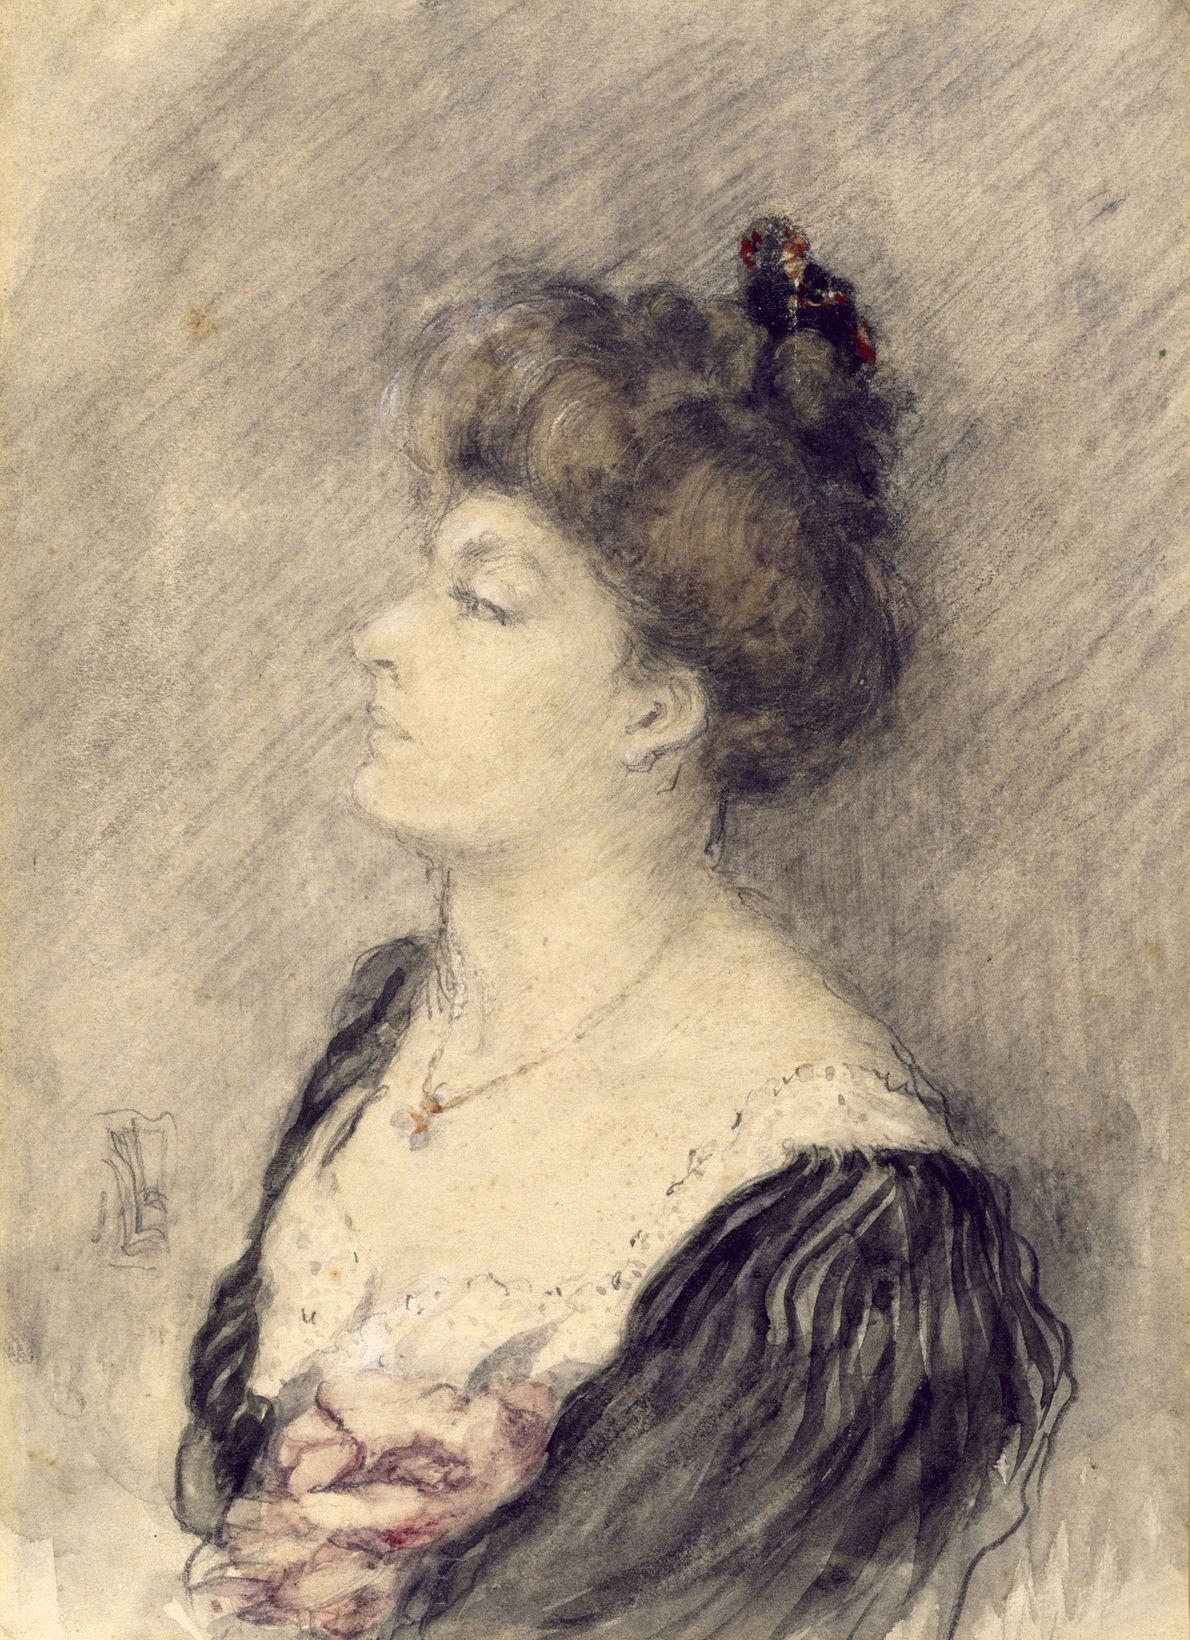 Dorothea Bate, géologiste, était responsable des collections du Musée d'histoire naturelle de Londres pendant la Première ...